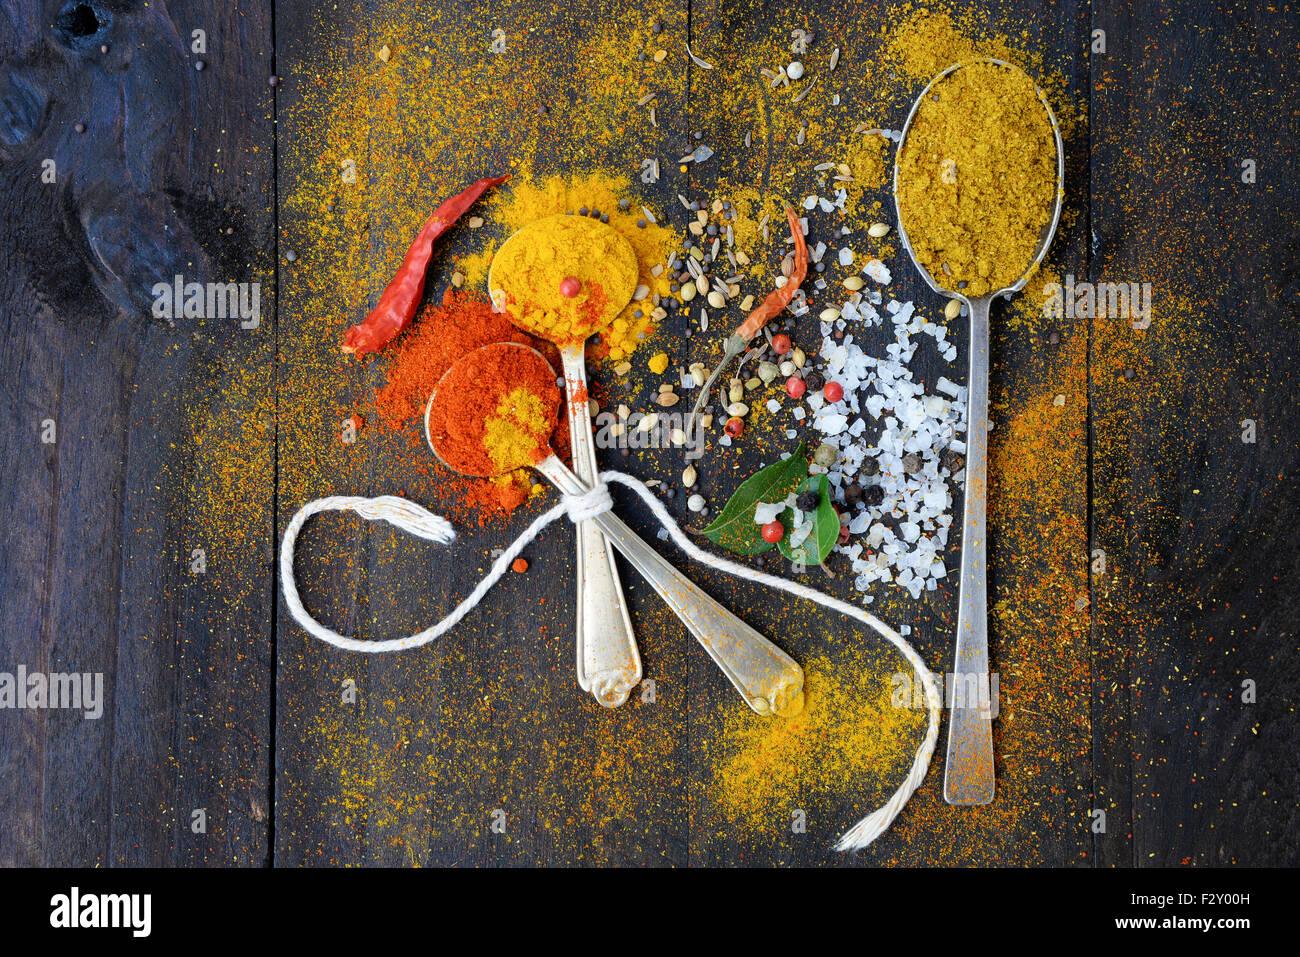 Comer sano fondo con hierbas y especias selección en mesa de madera oscura. Concepto de cocina o alimentos, Imagen De Stock